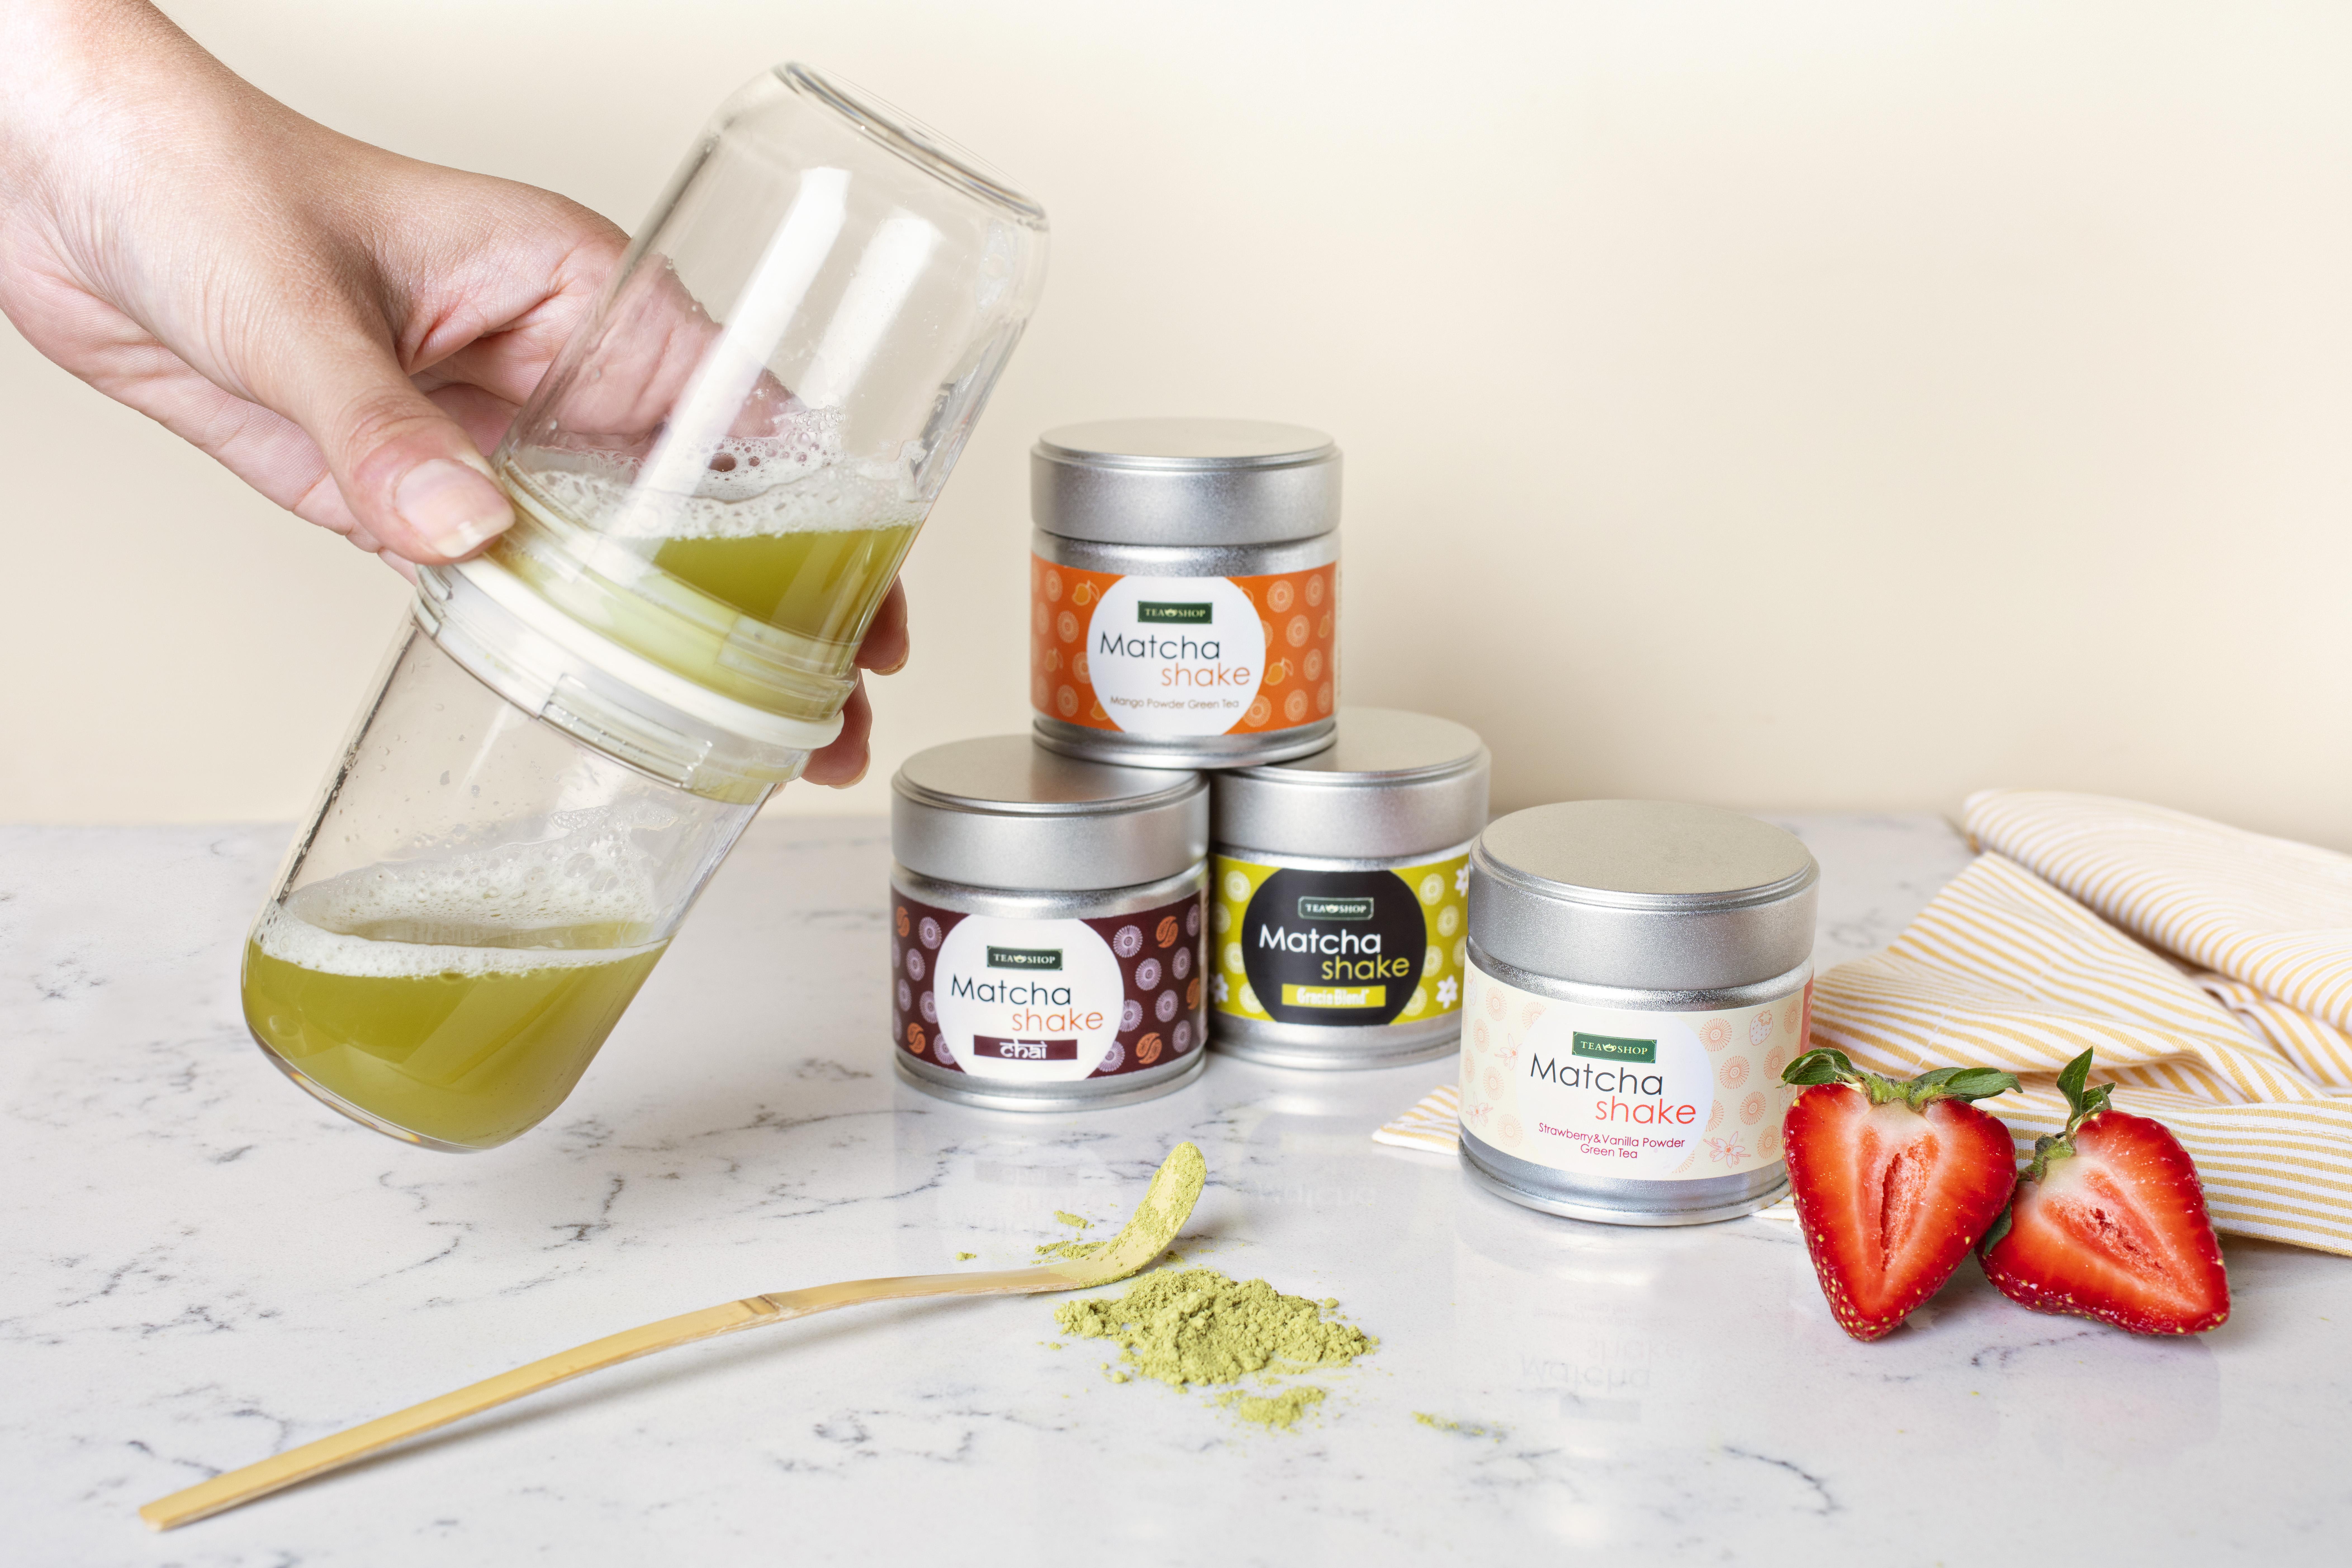 Matcha Shake Strawberry & Vanilla_ Té Matcha. Tea Collections. Tés, rooibos e infusiones, Antioxidante, Diabéticos, Celíacos, Alérgicos a los frutos secos, Alérgicos a la lactosa, Alérgicos a la soja y derivados, Vegetarianos, Veganos, Niños, Embarazadas, Herbal, Frutal, Herbal, FrutalTea Shop® - Ítem4